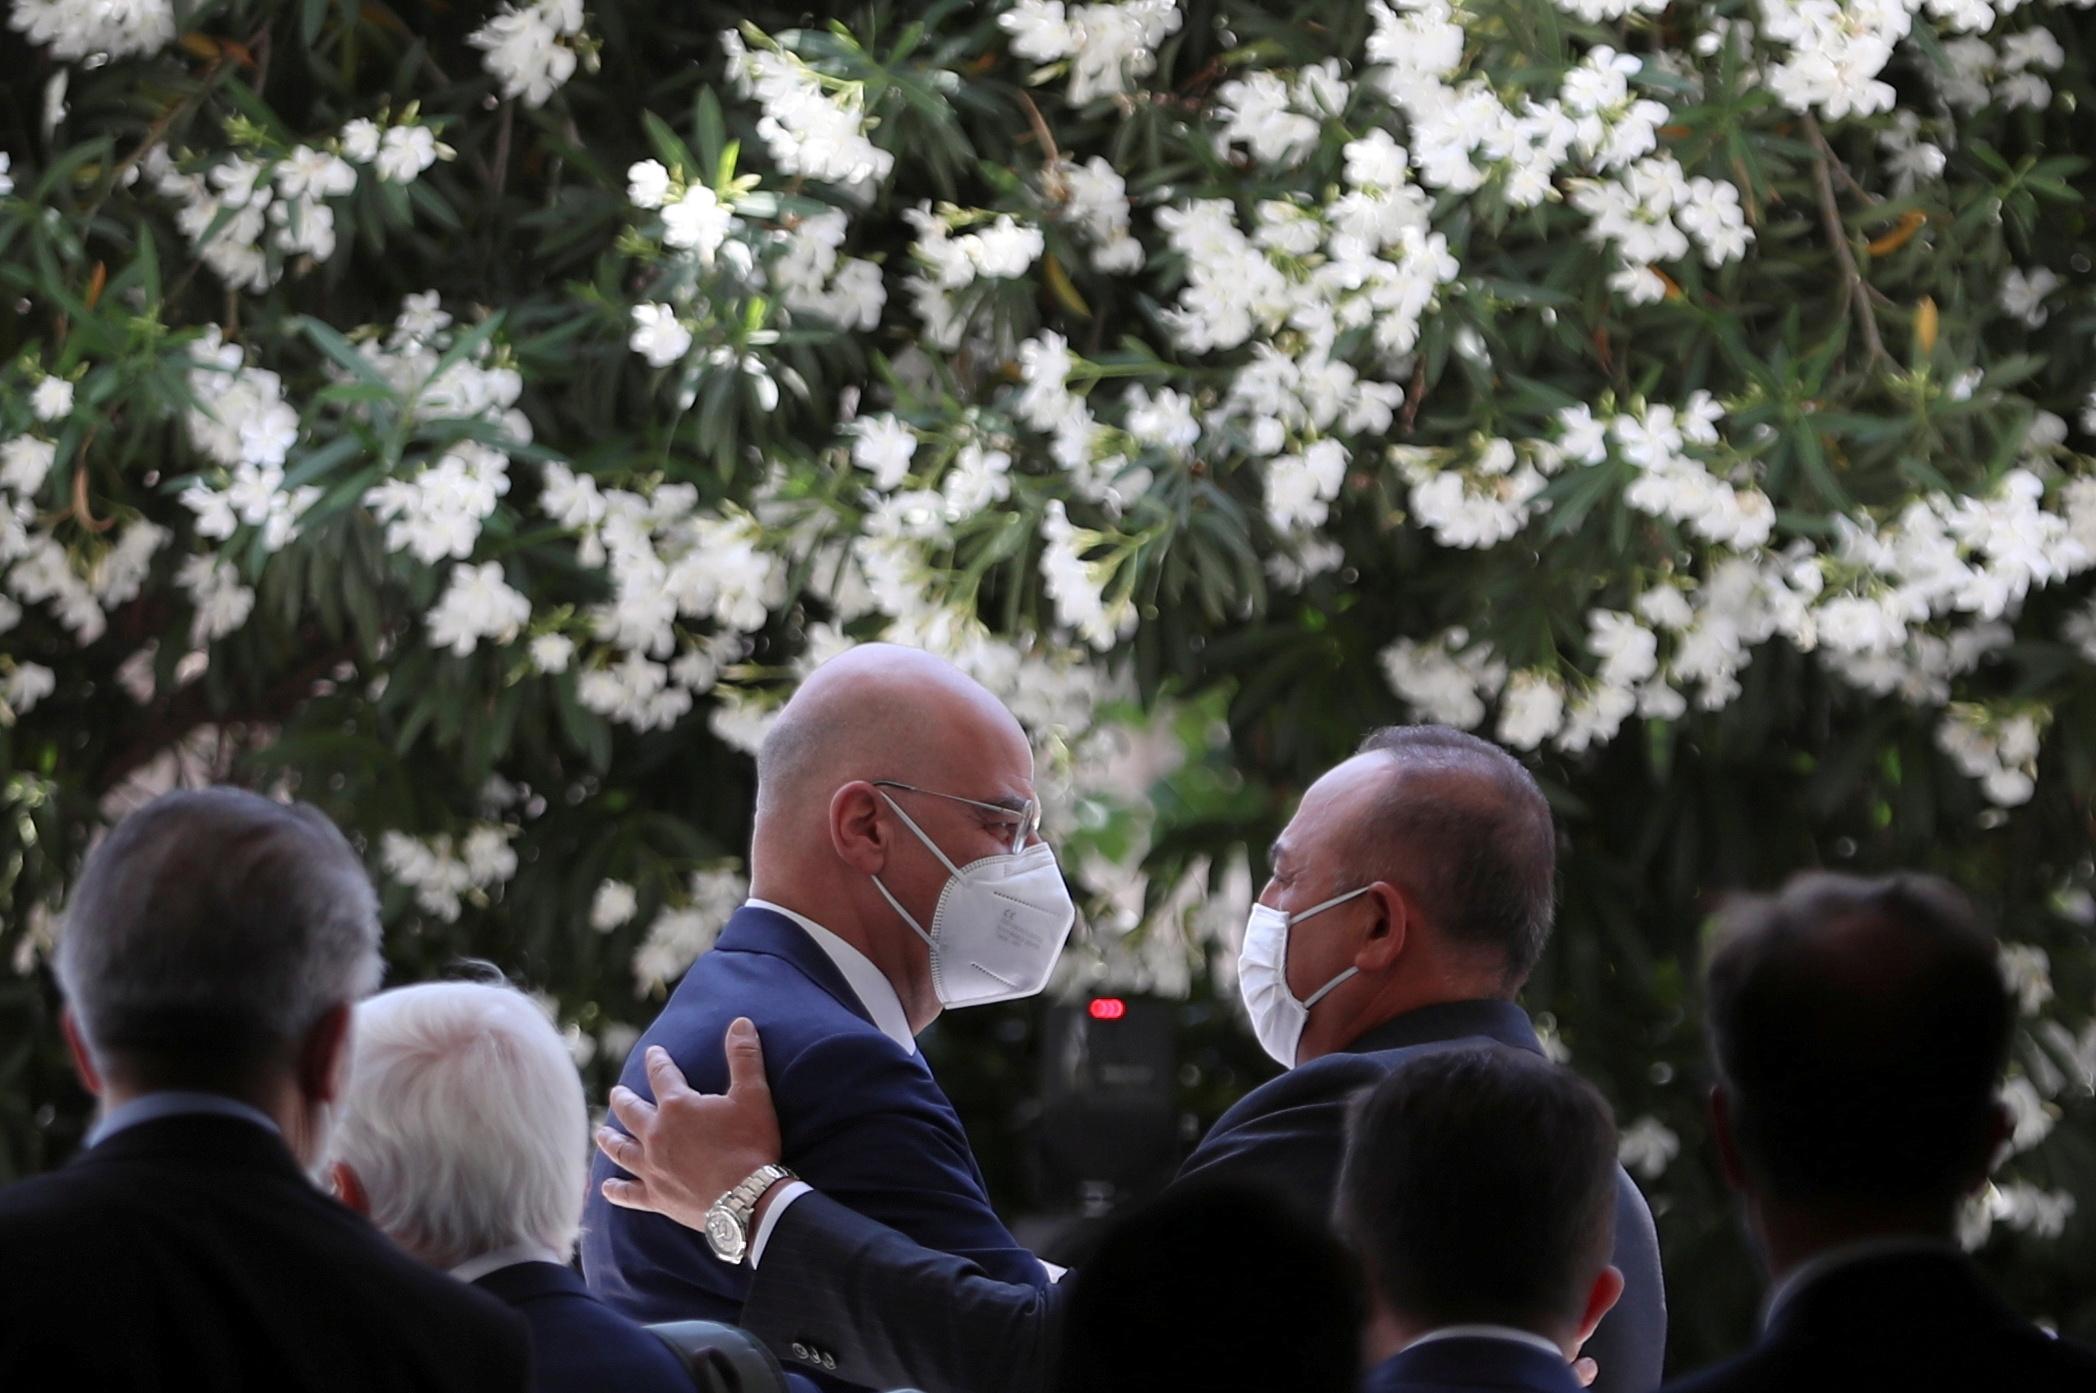 Γερμανία: Τι λέει ο Τύπος για το «συμφιλιωτικό κλίμα» στην επίσκεψη Τσαβούσογλου